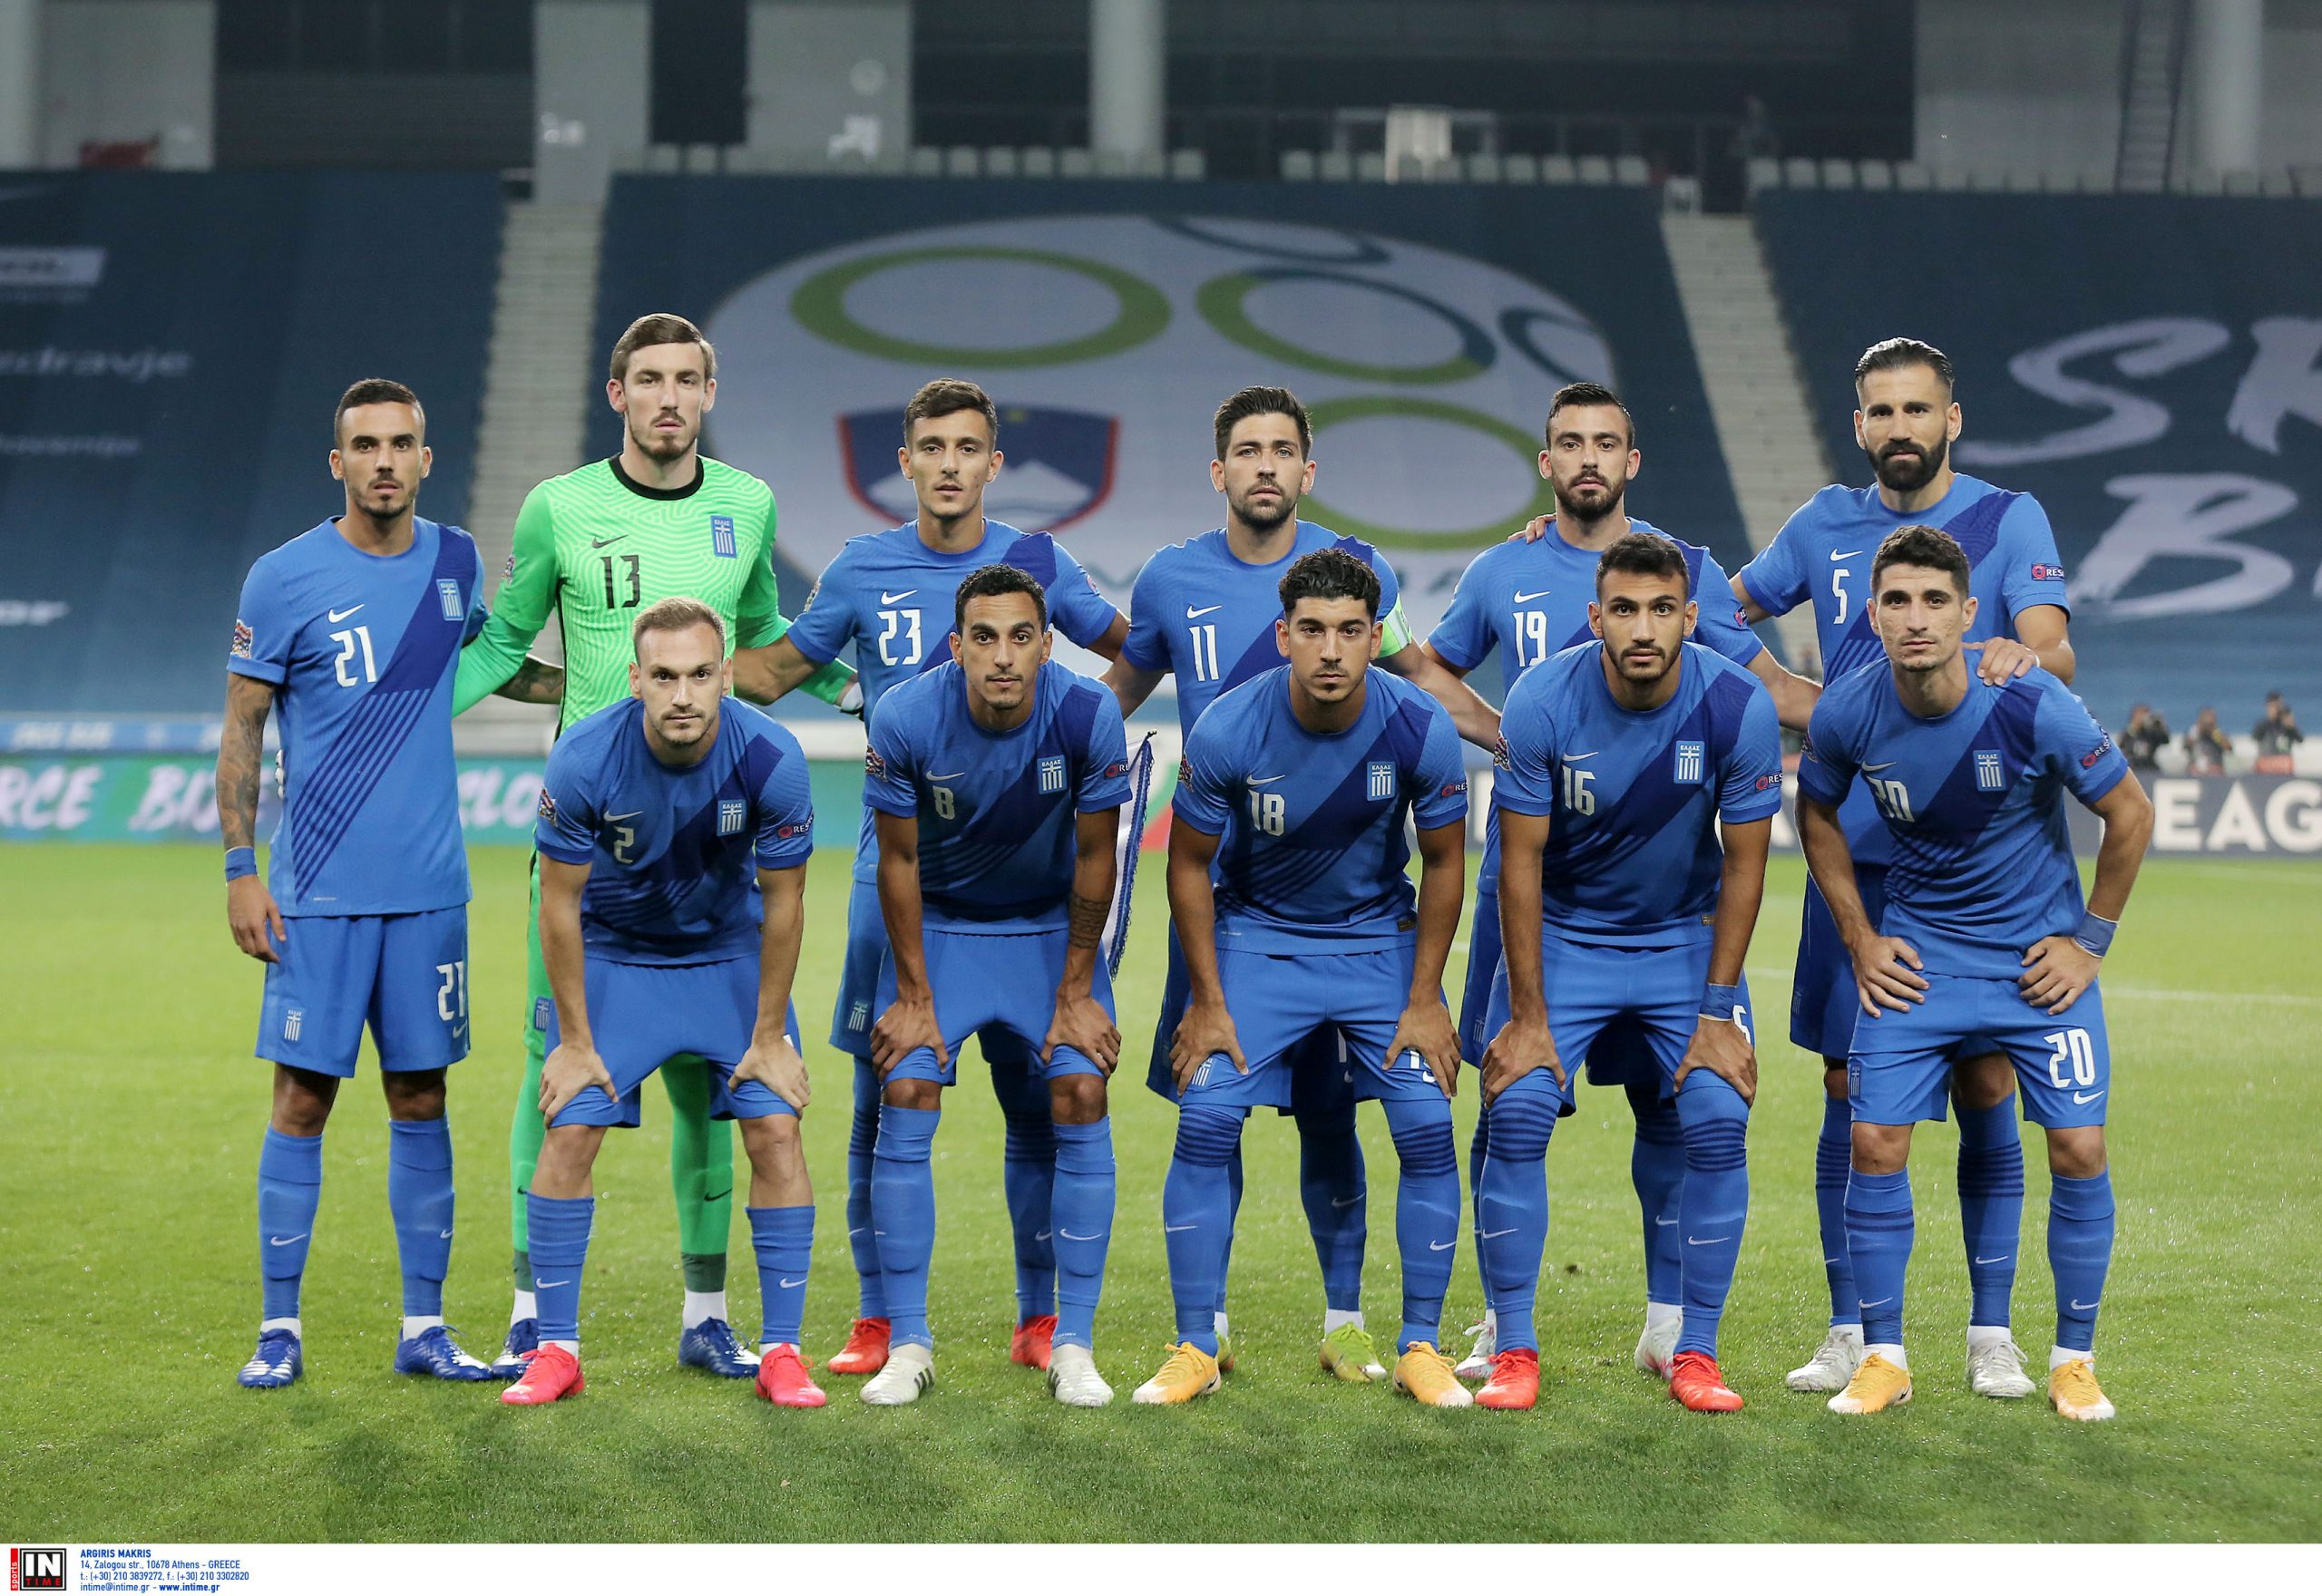 Το Κόσοβο είναι ο επόμενος σταθμός στο ταξίδι της Εθνικής Ελλάδας μετά την ισοπαλία στην Σλοβενία